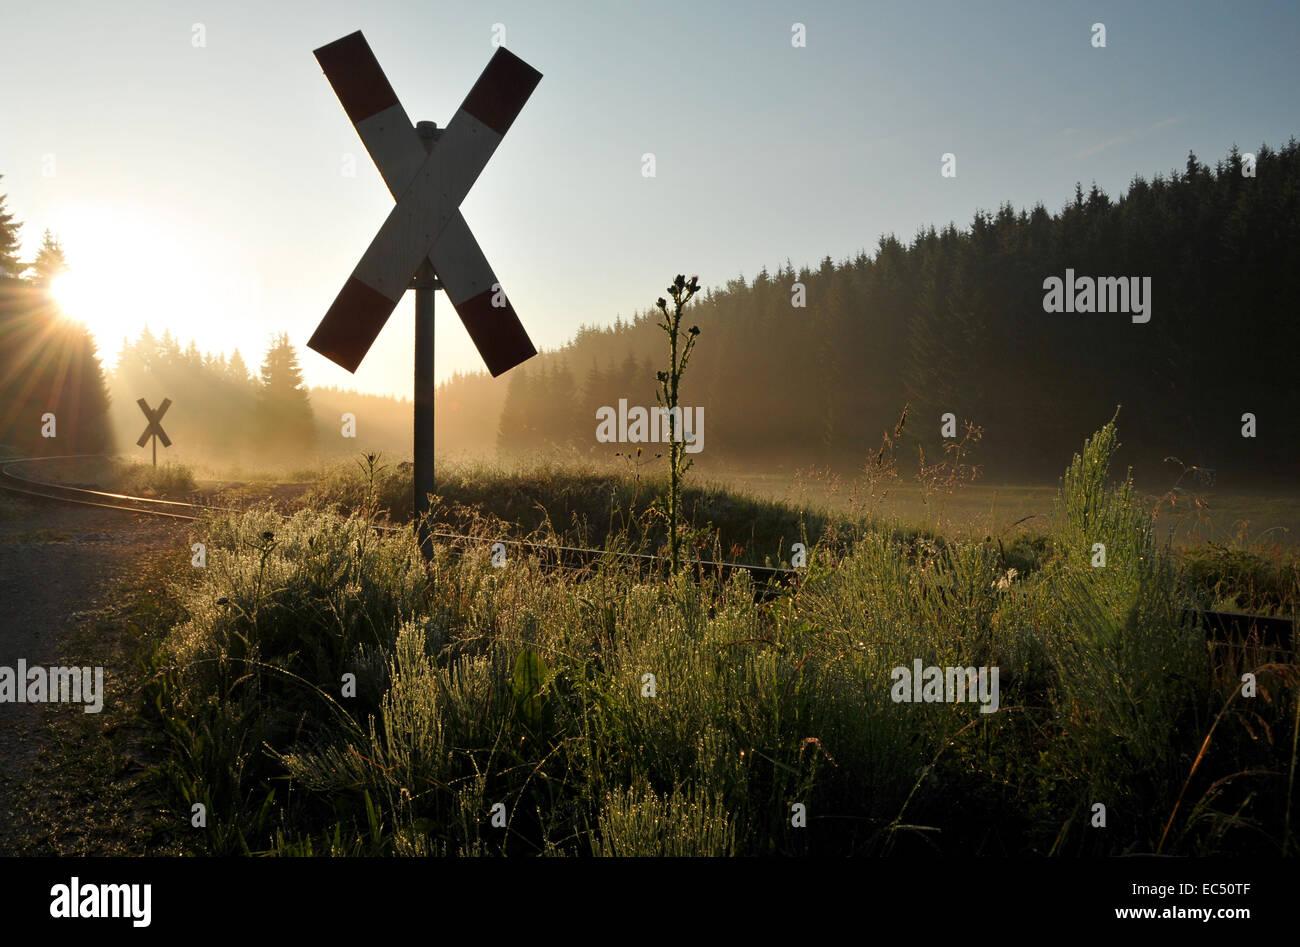 Andrew Cross - Stock Image